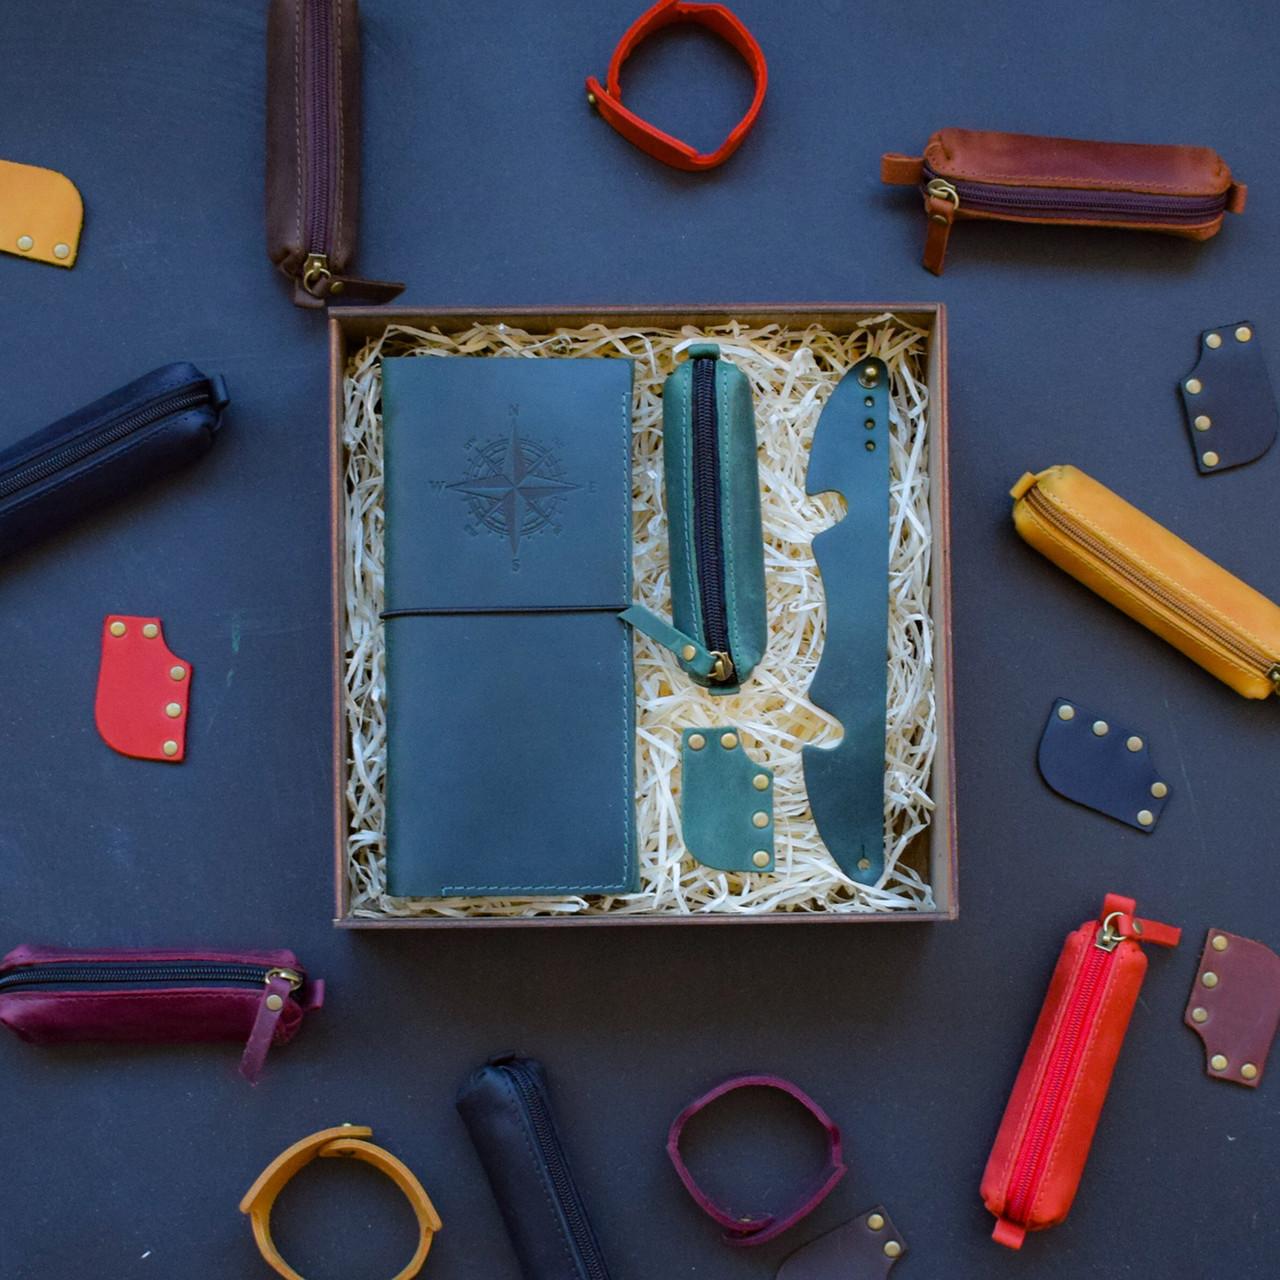 """Подарочный набор кожаных аксессуаров для путешествия """"Voyage"""": тревел-кейс, ключница, браслет и закладка"""